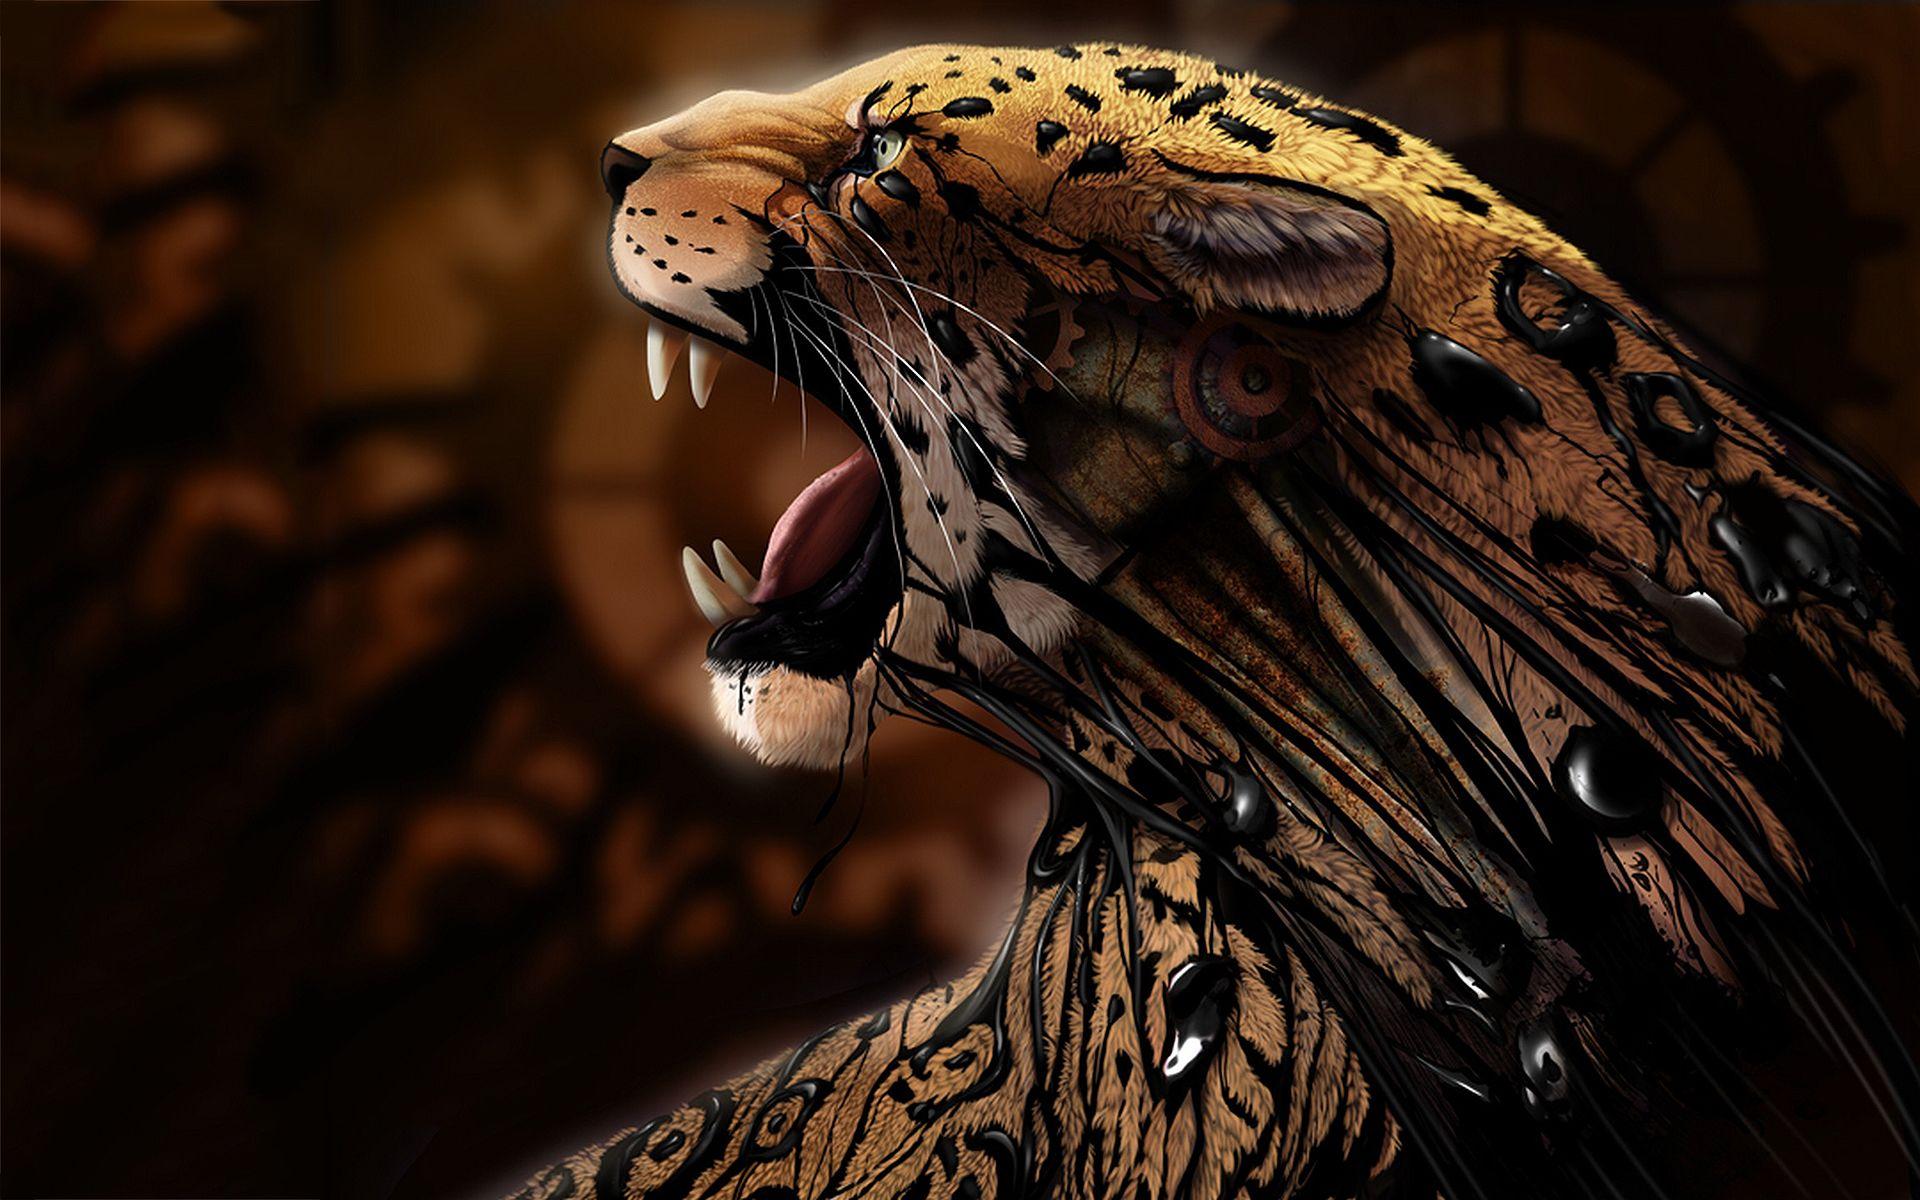 Animals Jaguars Wallpapers Hd Desktop And Mobile: Jaguar Artwork Wallpapers